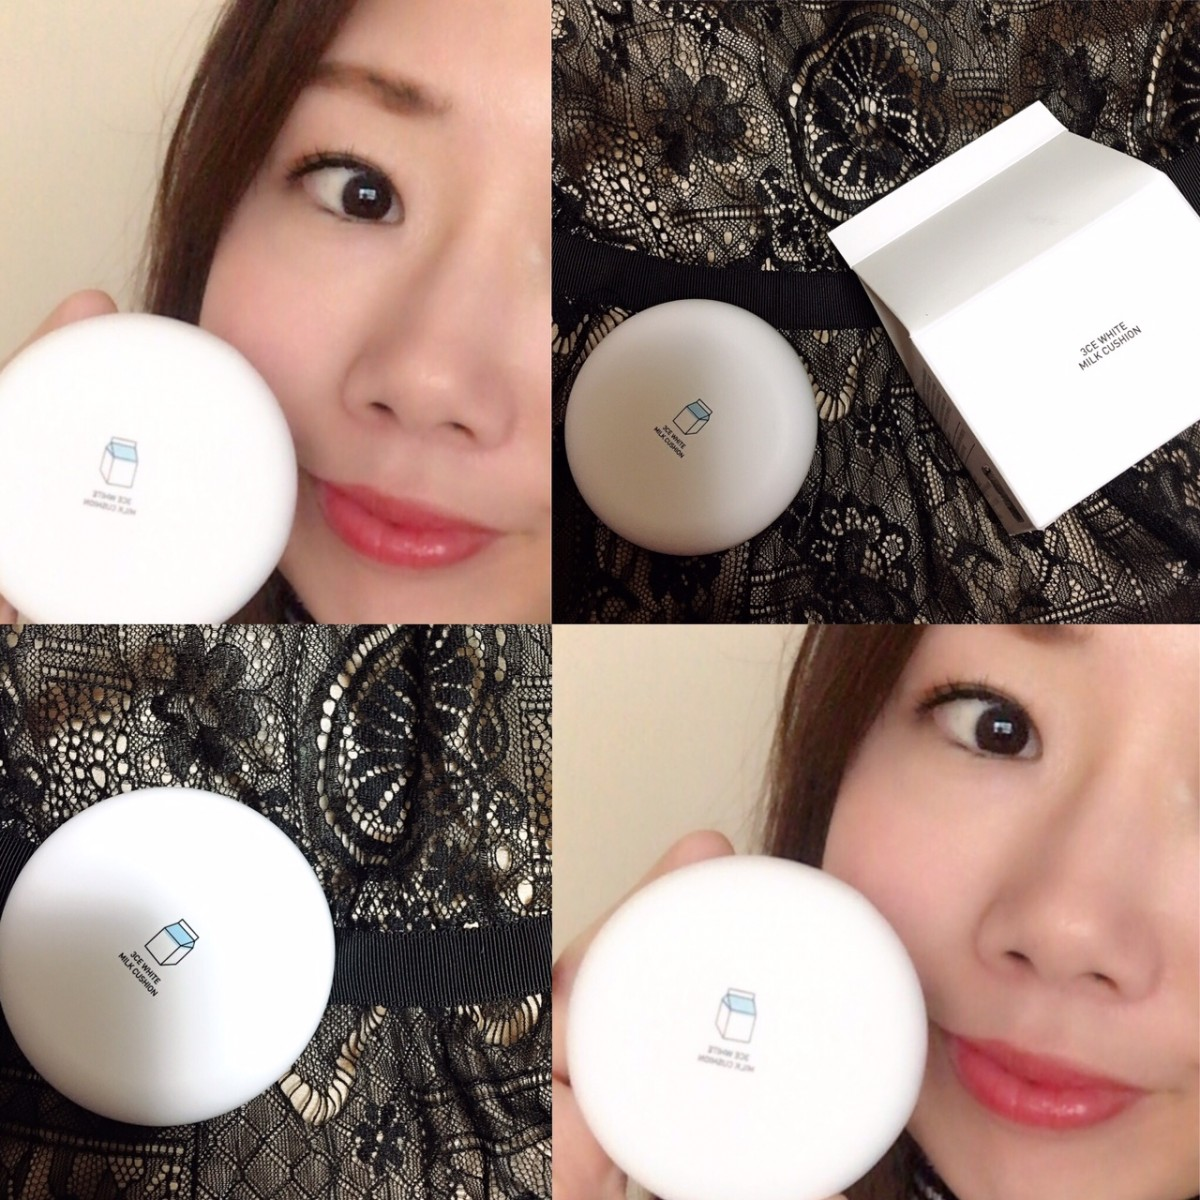 【韓国コスメ】インスタで人気3CEのミルククッションをアラフォーがレポート♡  艶と透明感のある肌が簡単に作れるクッションファンデに夢中です